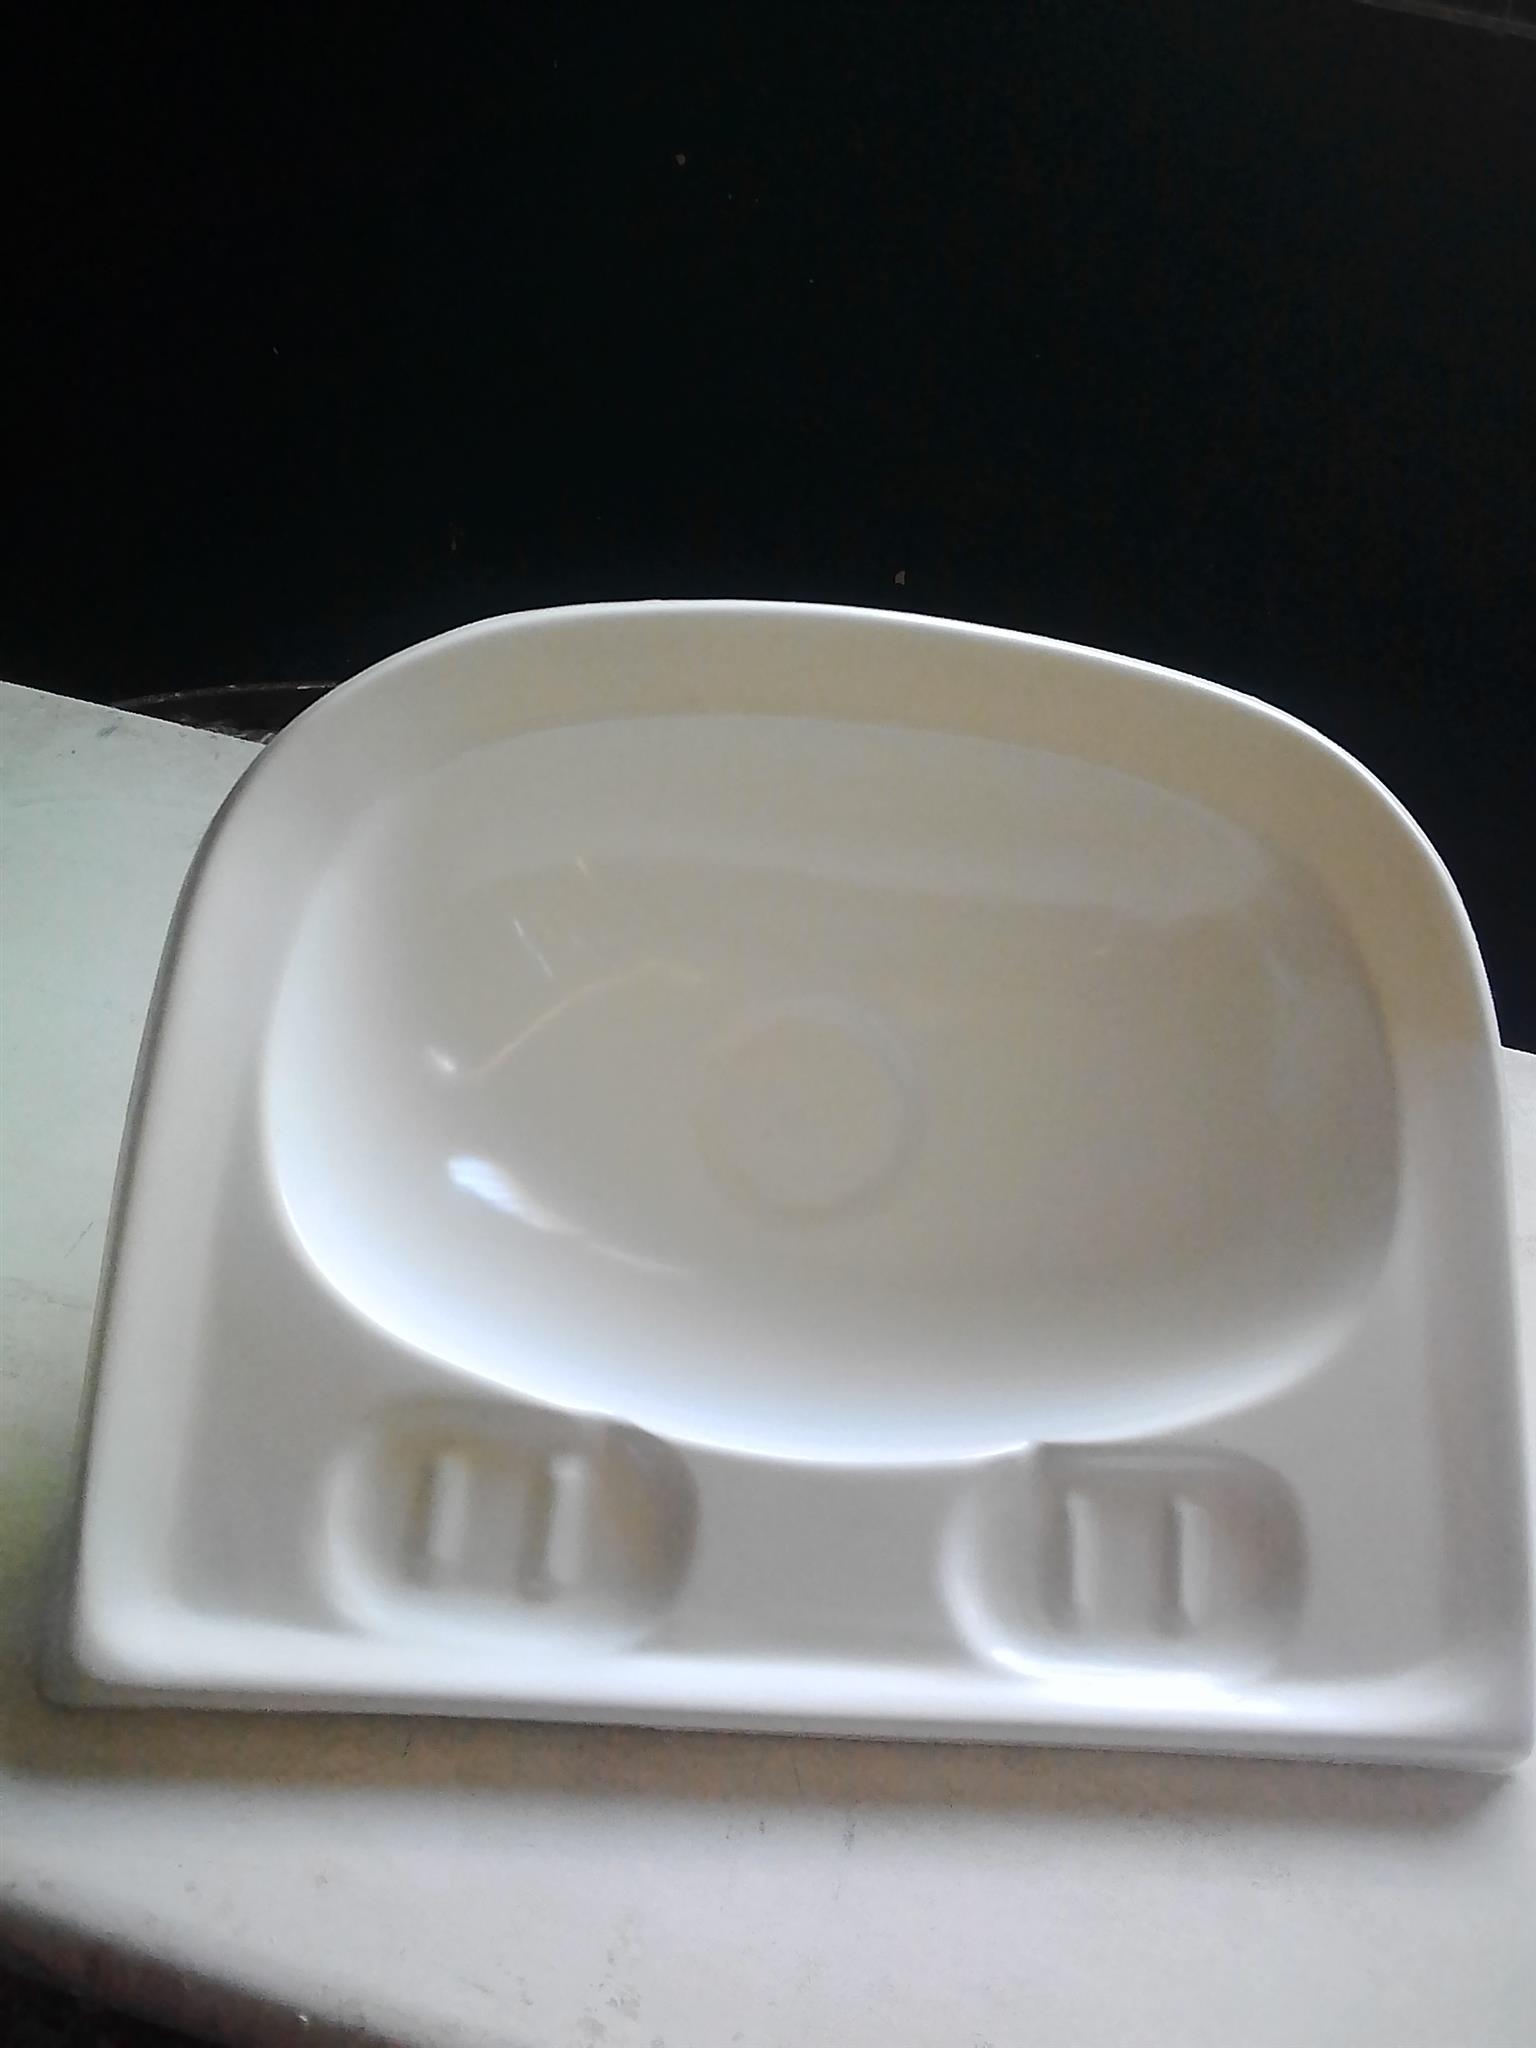 Boat Fibreglass handbasins